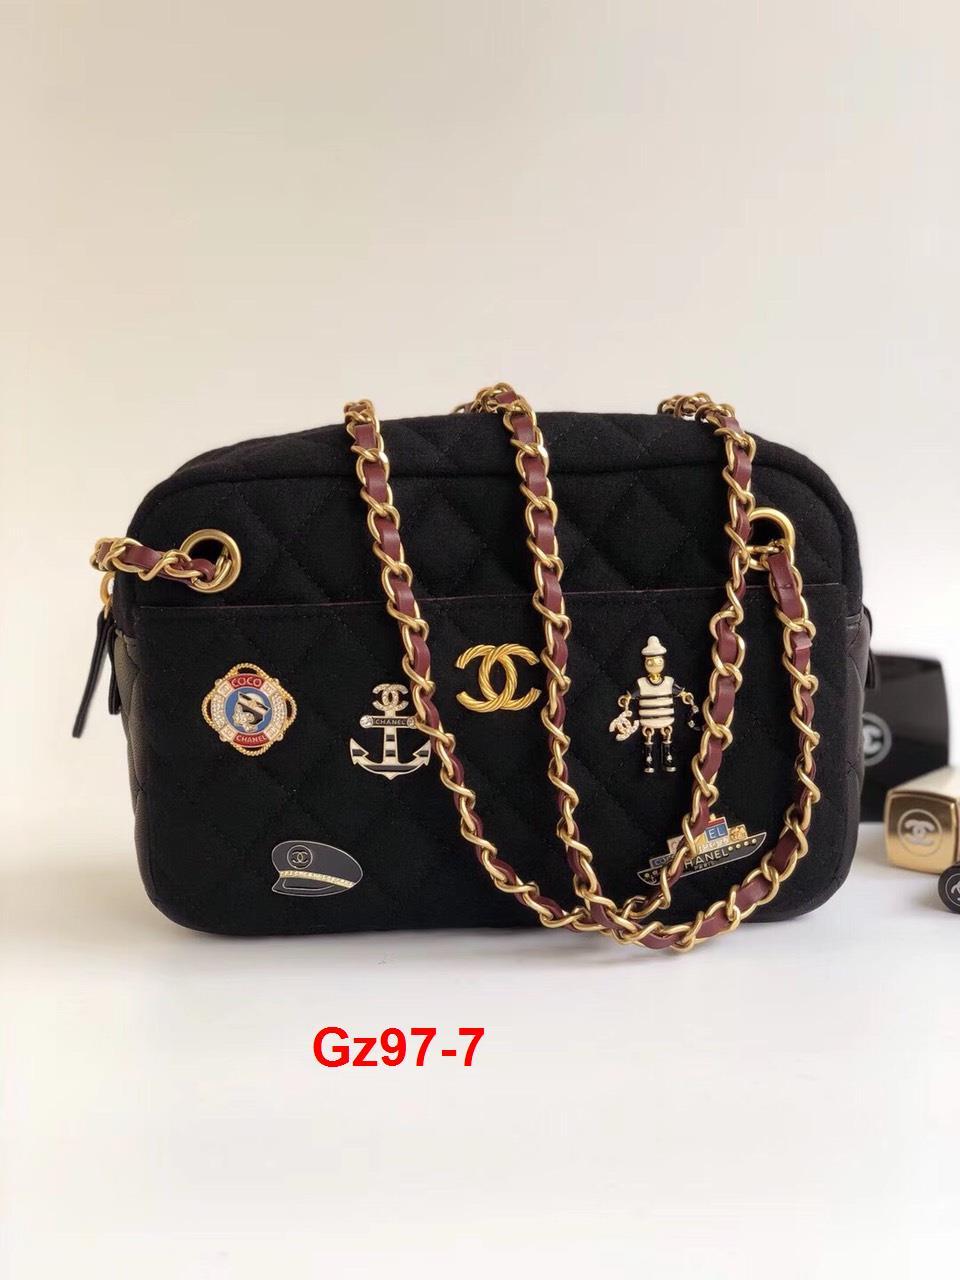 Gz97-7 Chanel túi size 23cm siêu cấp